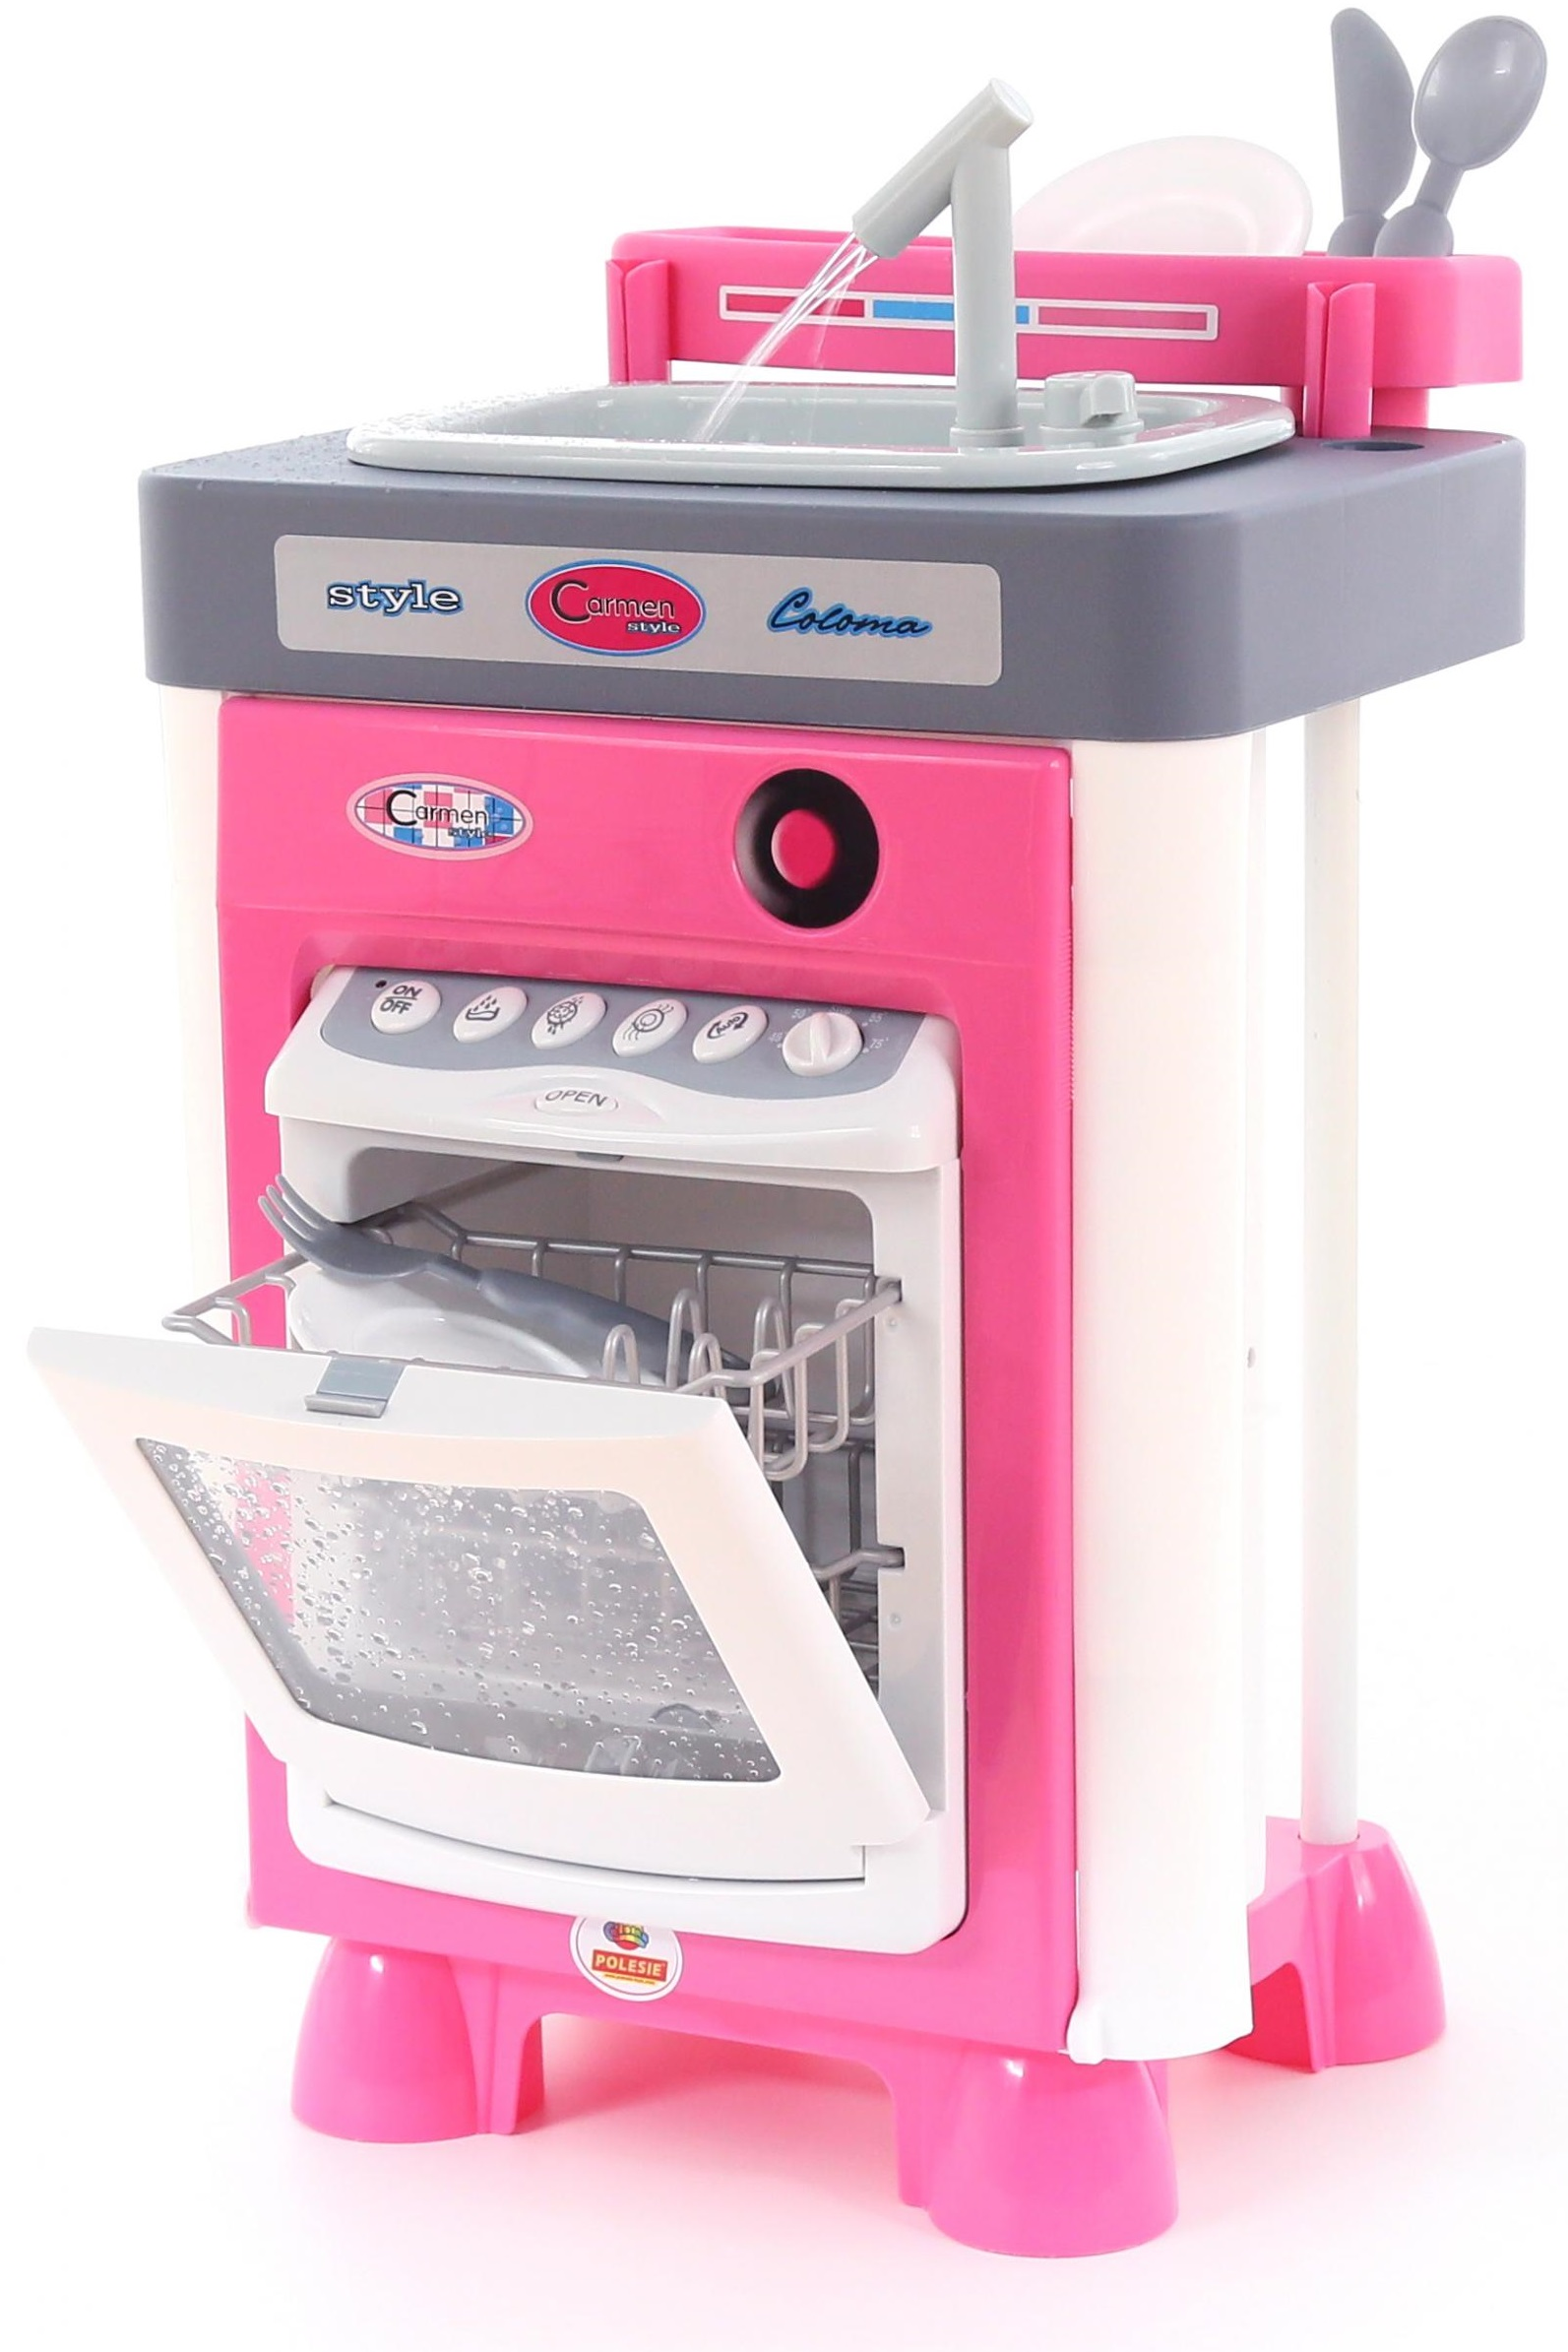 Набор Carmen №3 с посудомоечной машиной и мойкойАксессуары и техника для детской кухни<br>Набор Carmen №3 с посудомоечной машиной и мойкой<br>